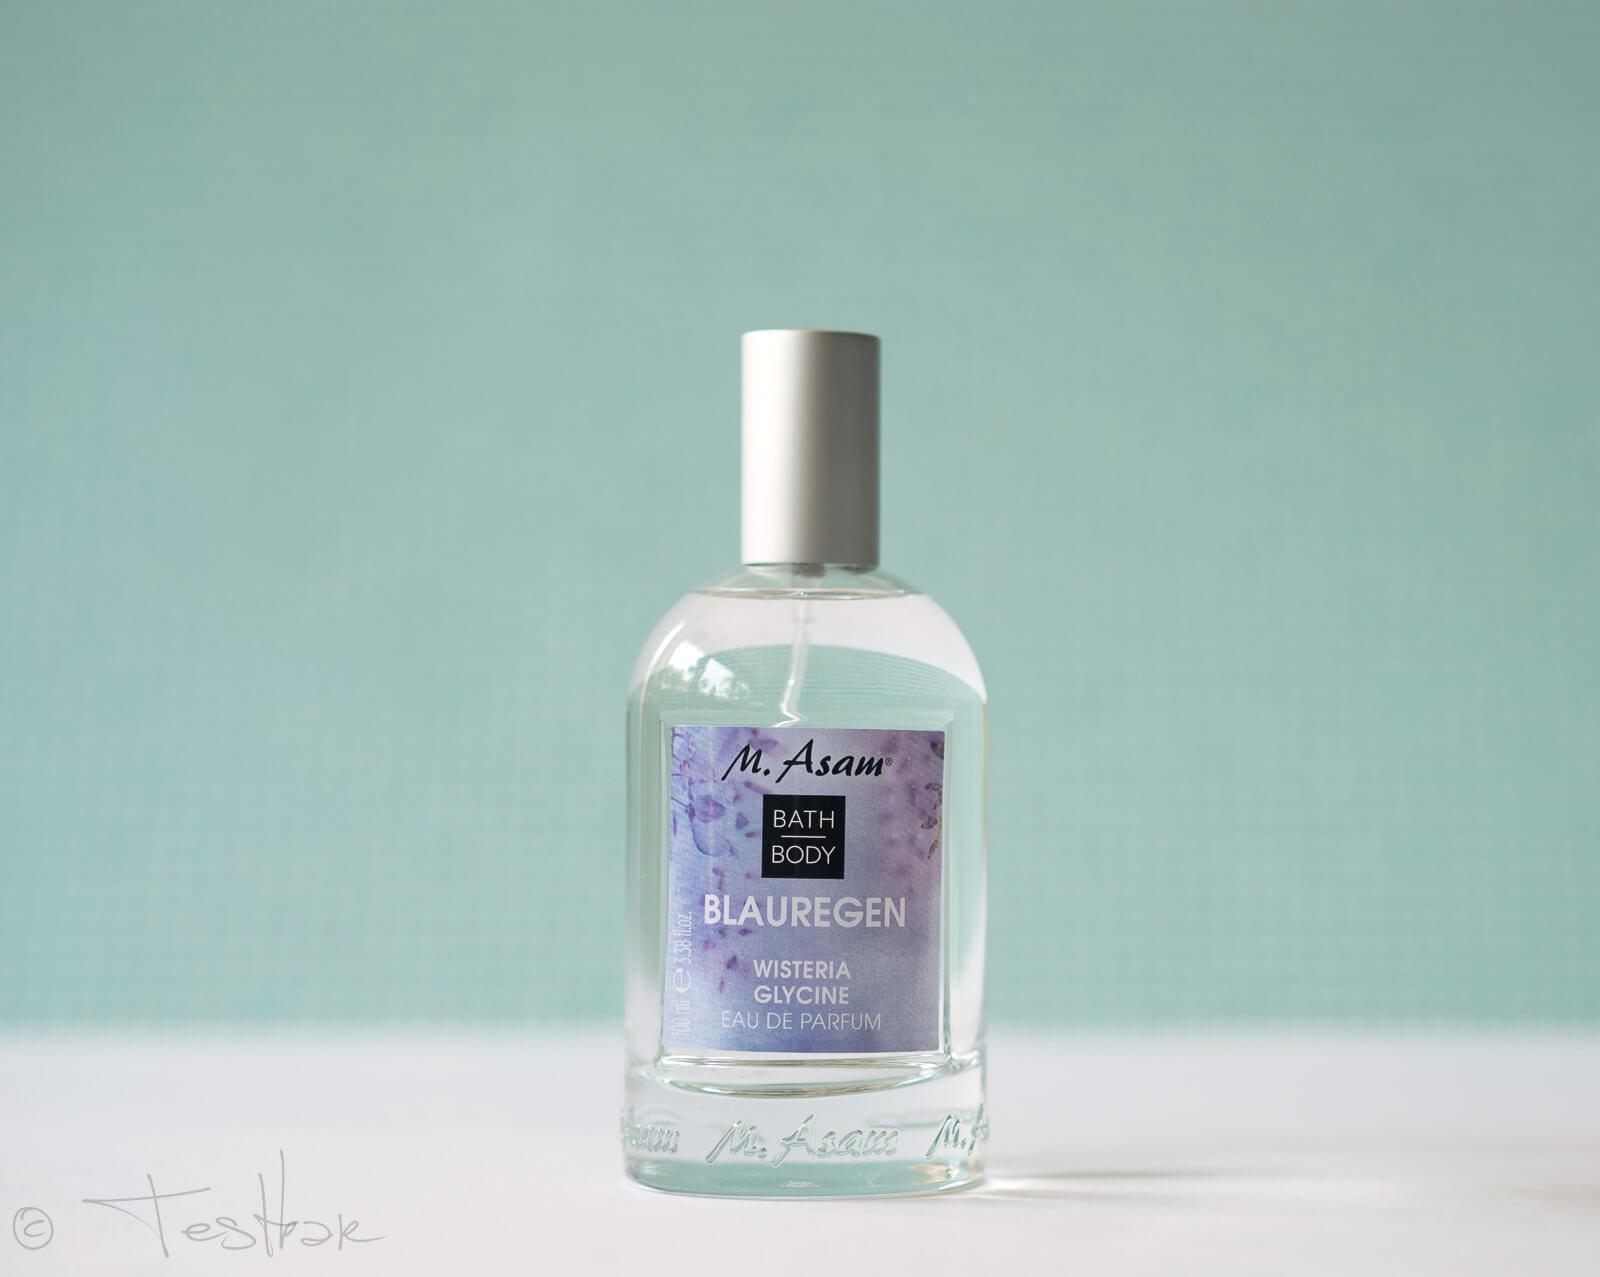 Blauregen Eau de Parfum von M. Asam